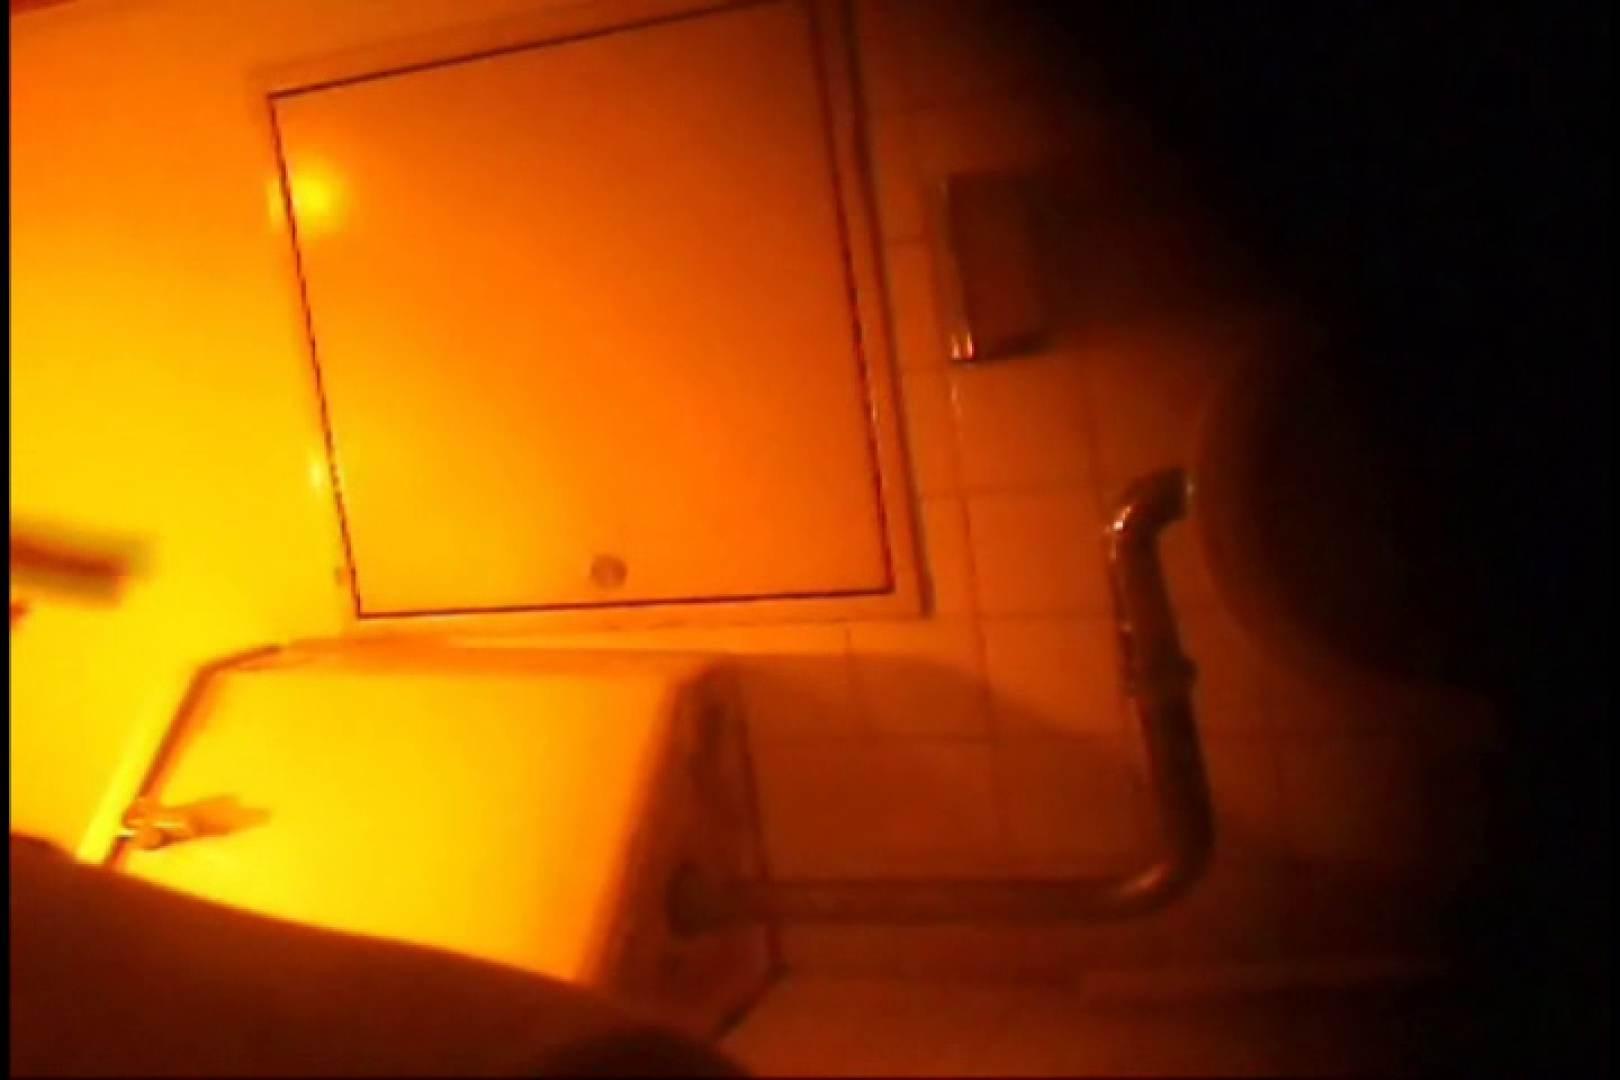 亀さんかわや VIP和式2カメバージョン! vol.04 和式 オメコ無修正動画無料 93PIX 19